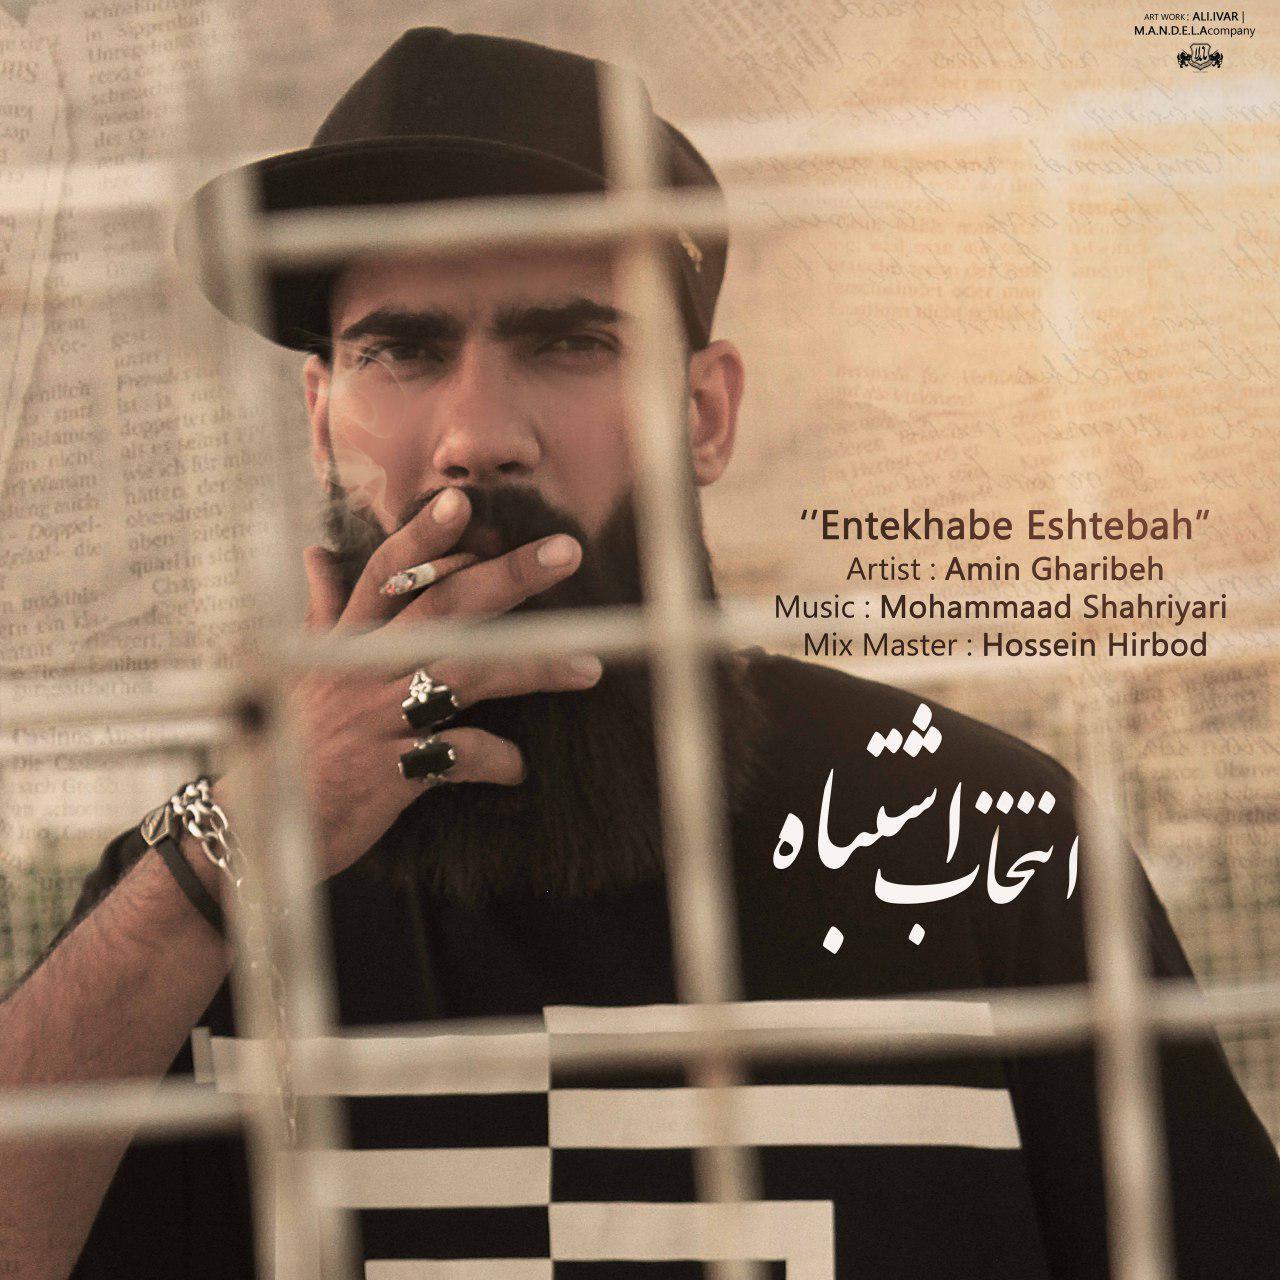 Amin Gharibeh – Entekhabe Eshtebah